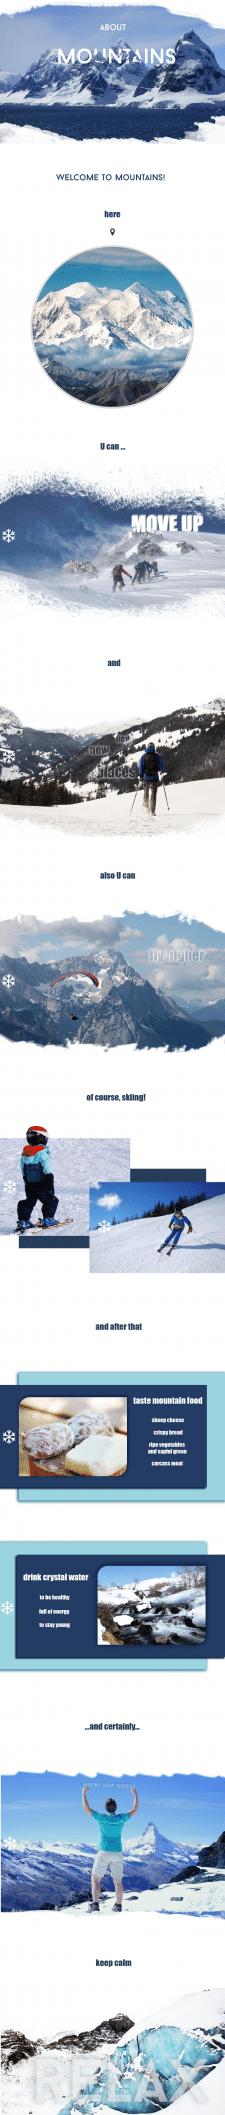 Оформление журналов/брошюр/листовок о горах - кейс